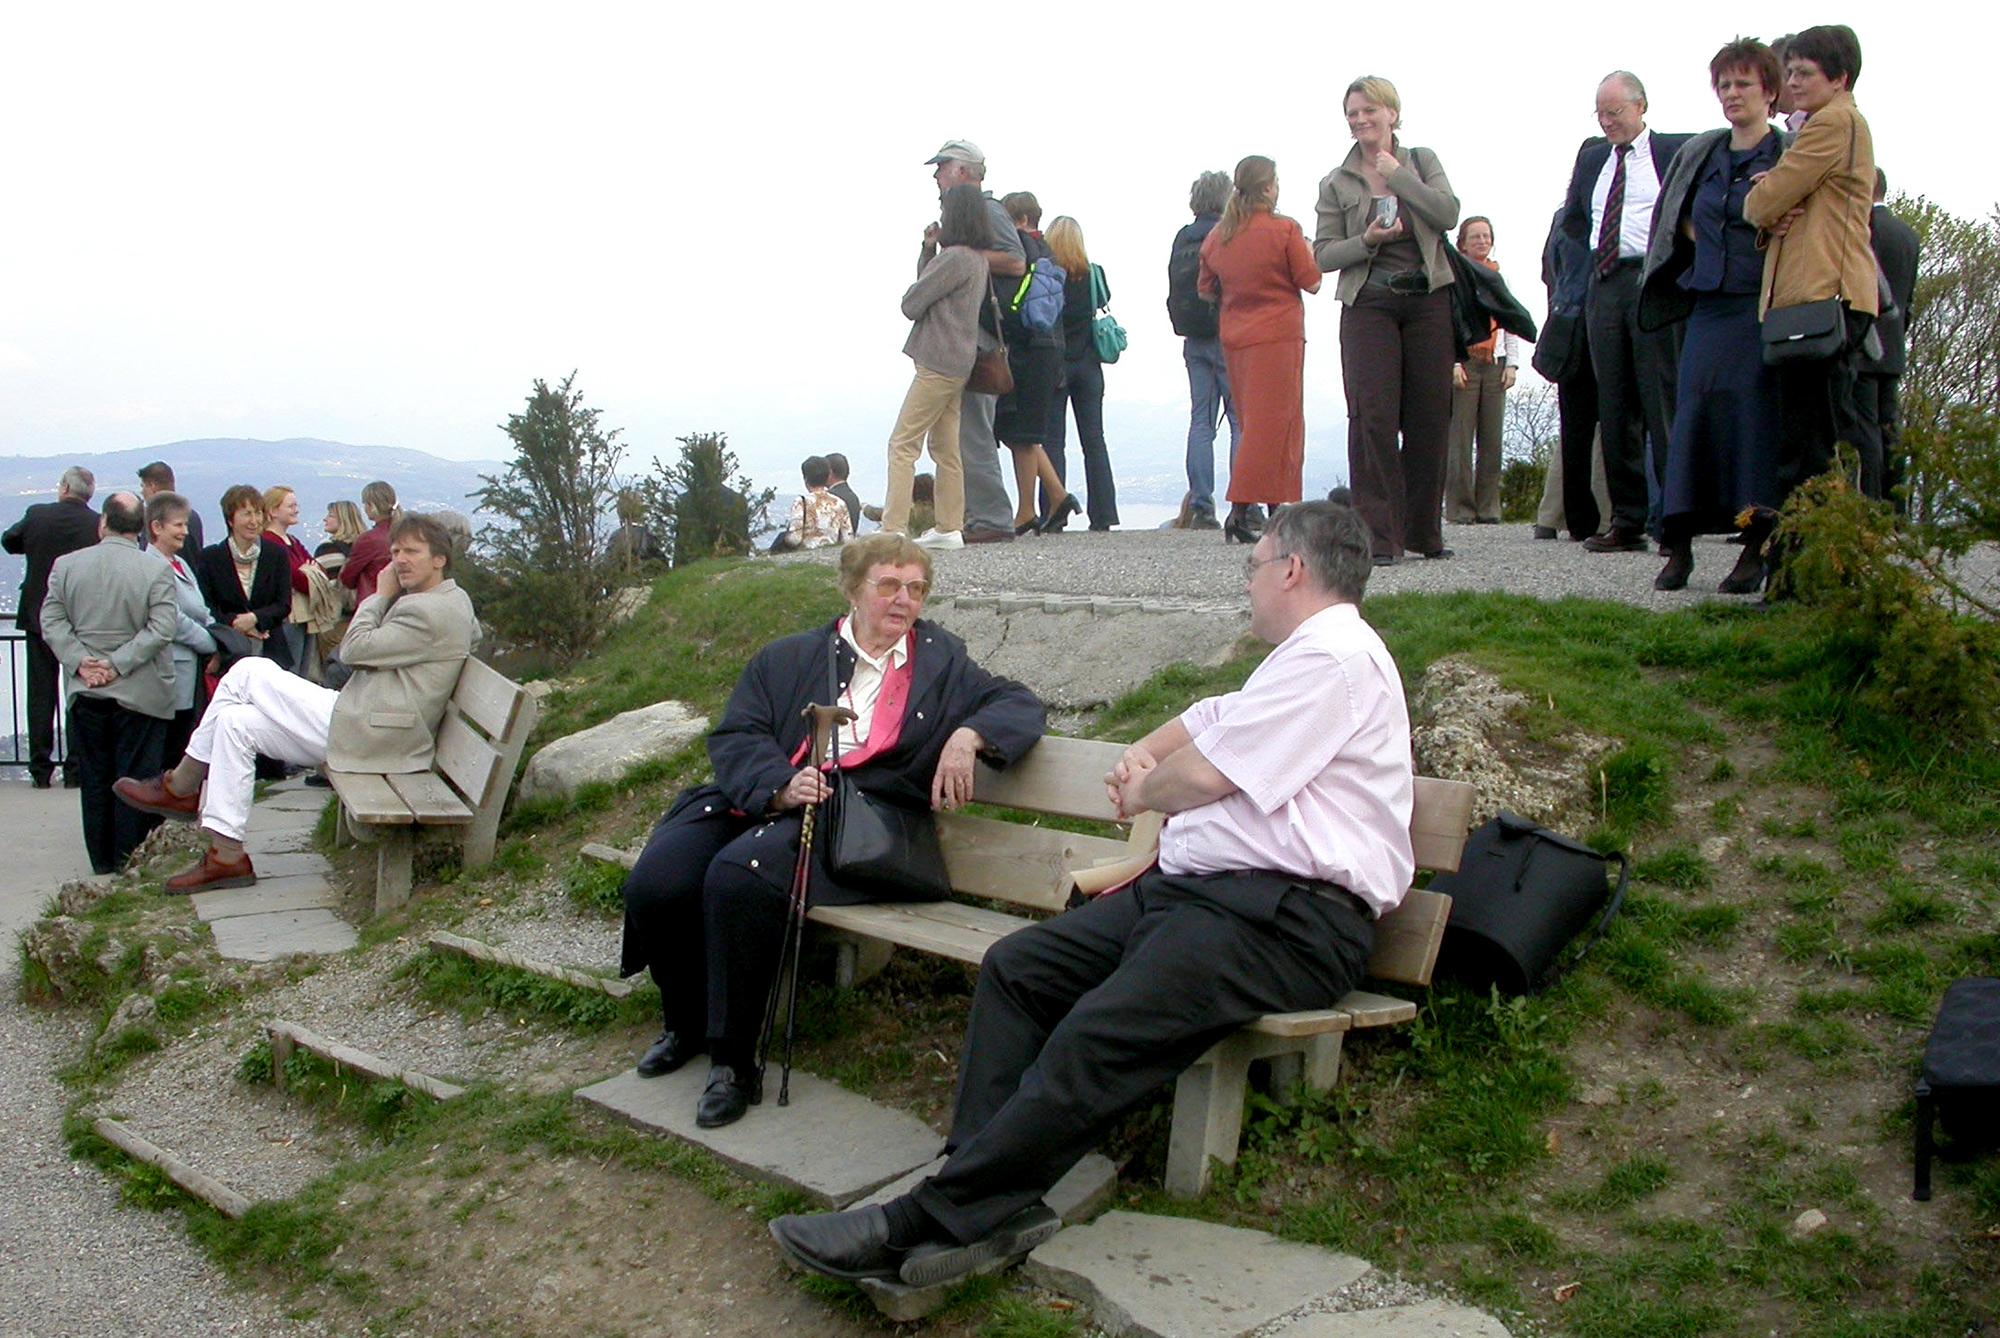 Marianne Englert 2004 beim Gesellschaftsabend auf dem Uetliberg (mit Hans-Gerhard Stülb und anderen im Hintergrund)